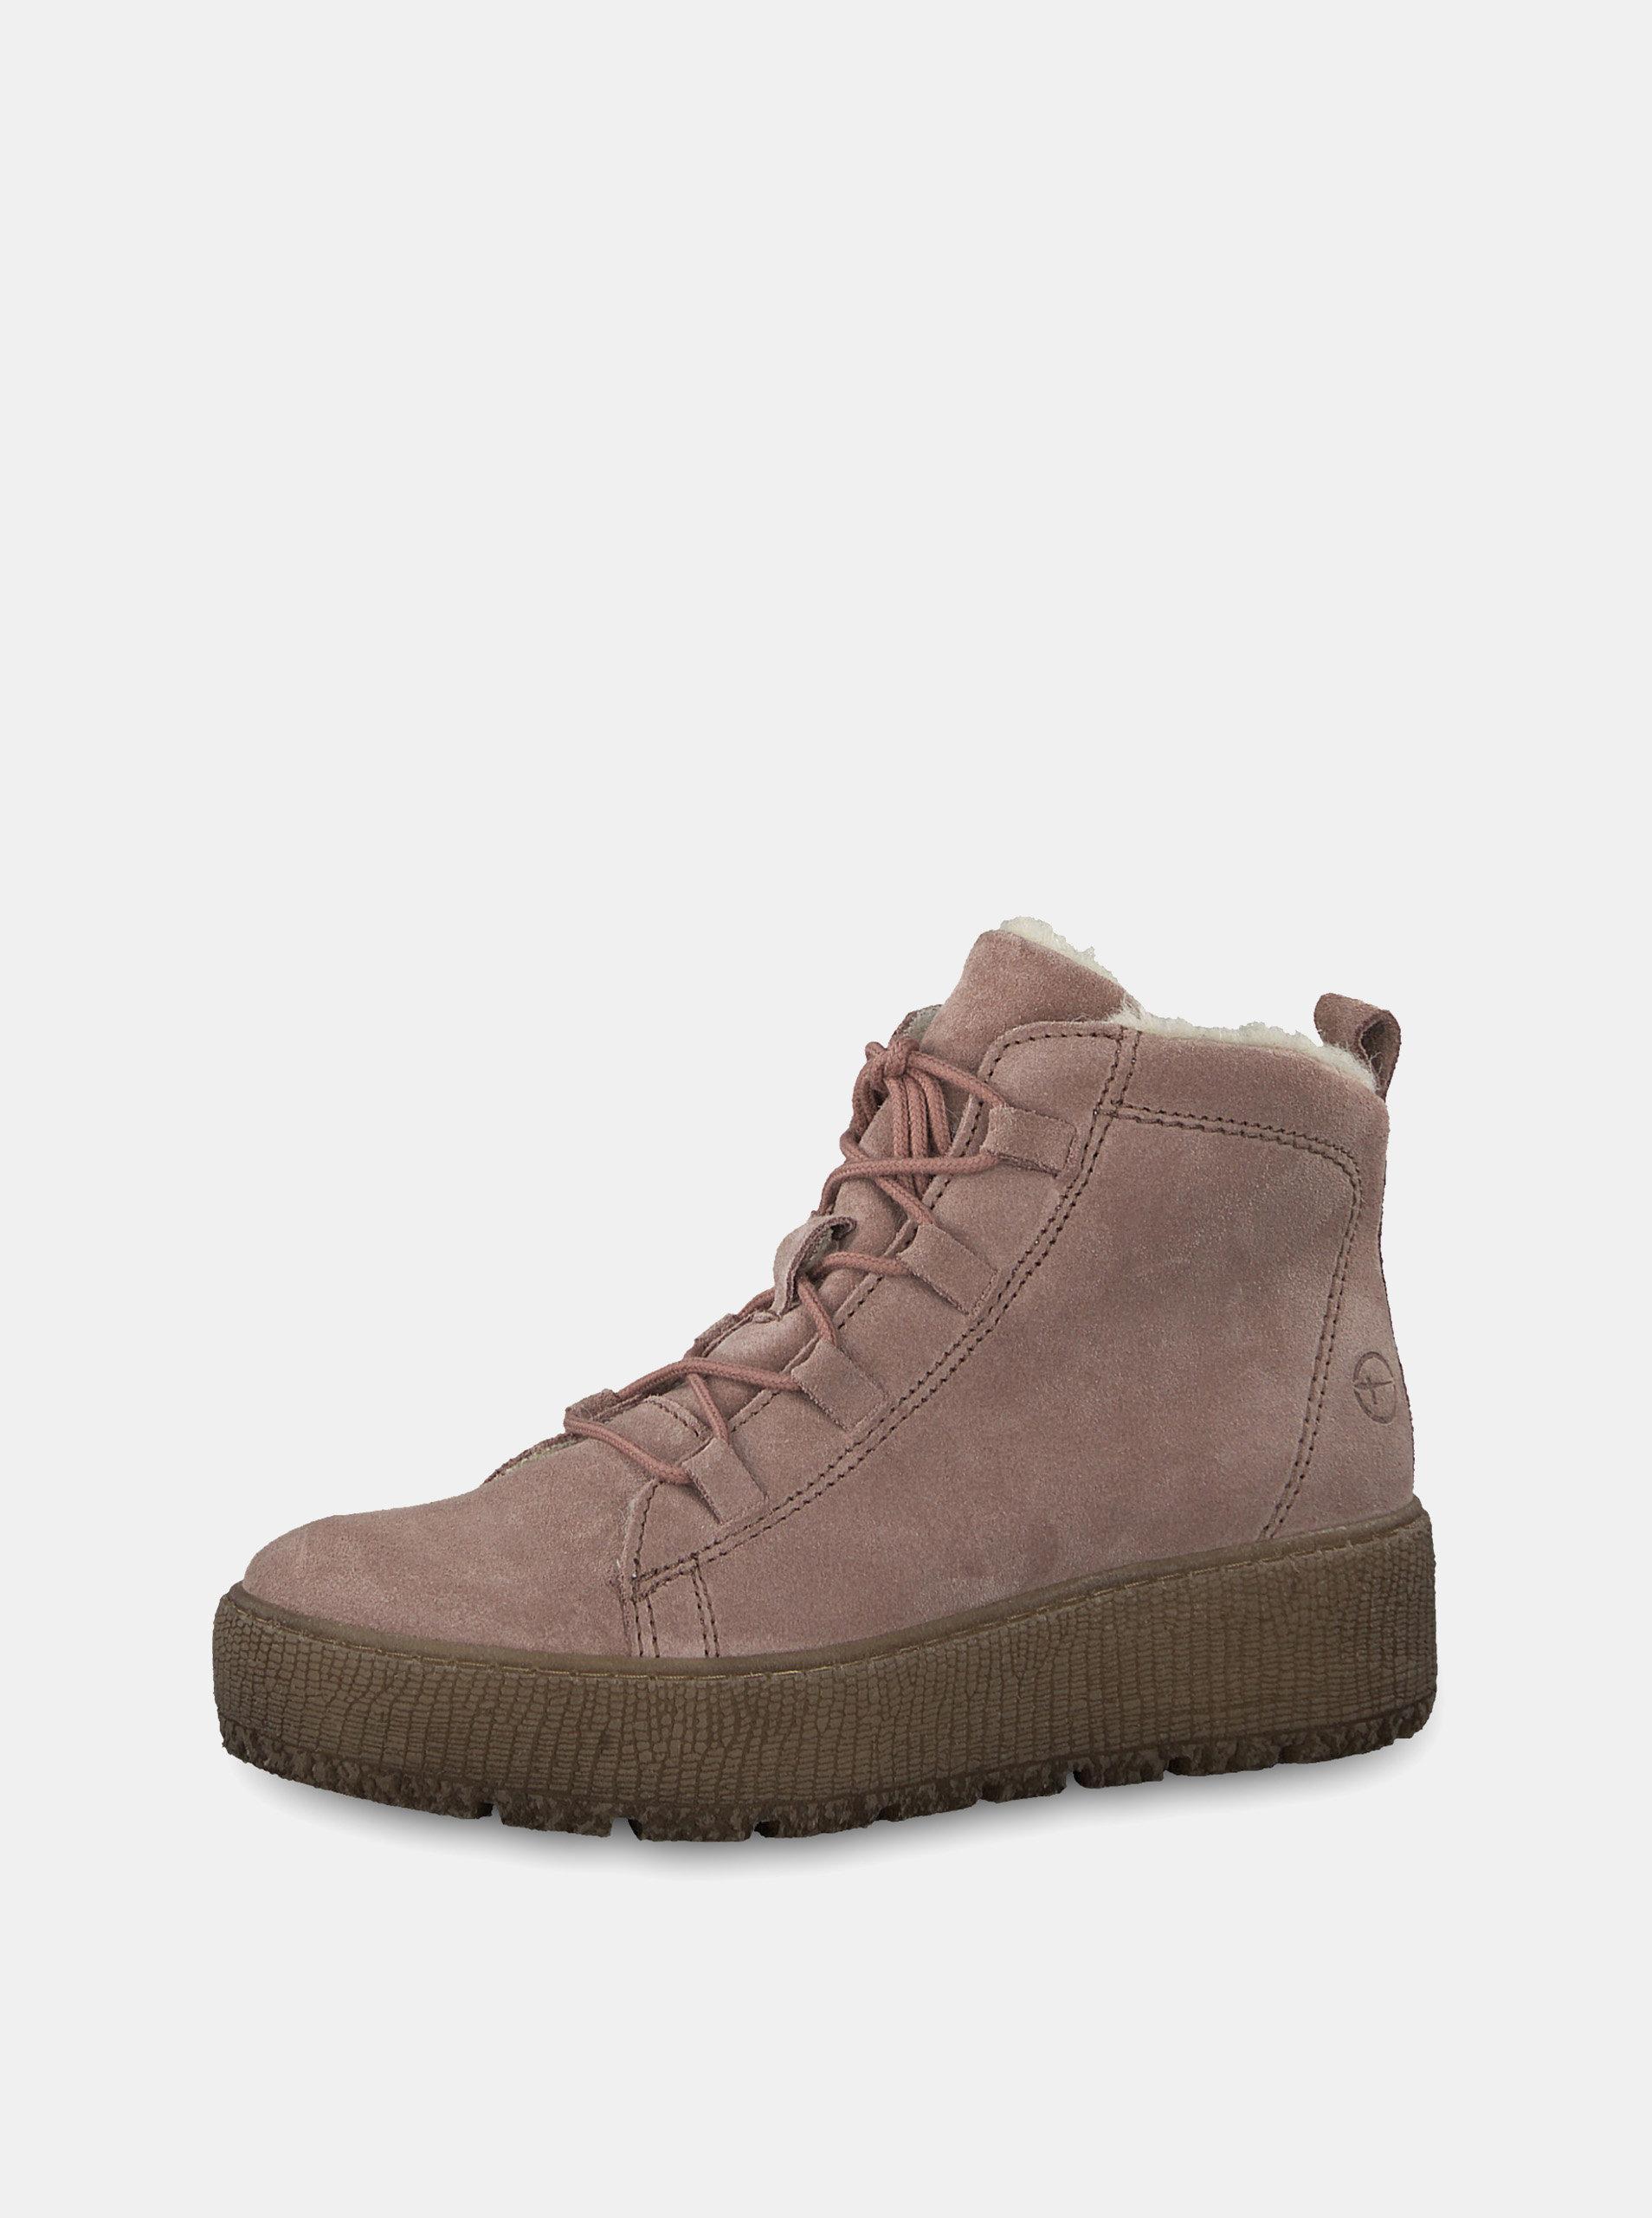 76aae430cc5d Staroružové semišové členkové zimné topánky na platforme Tamaris ...